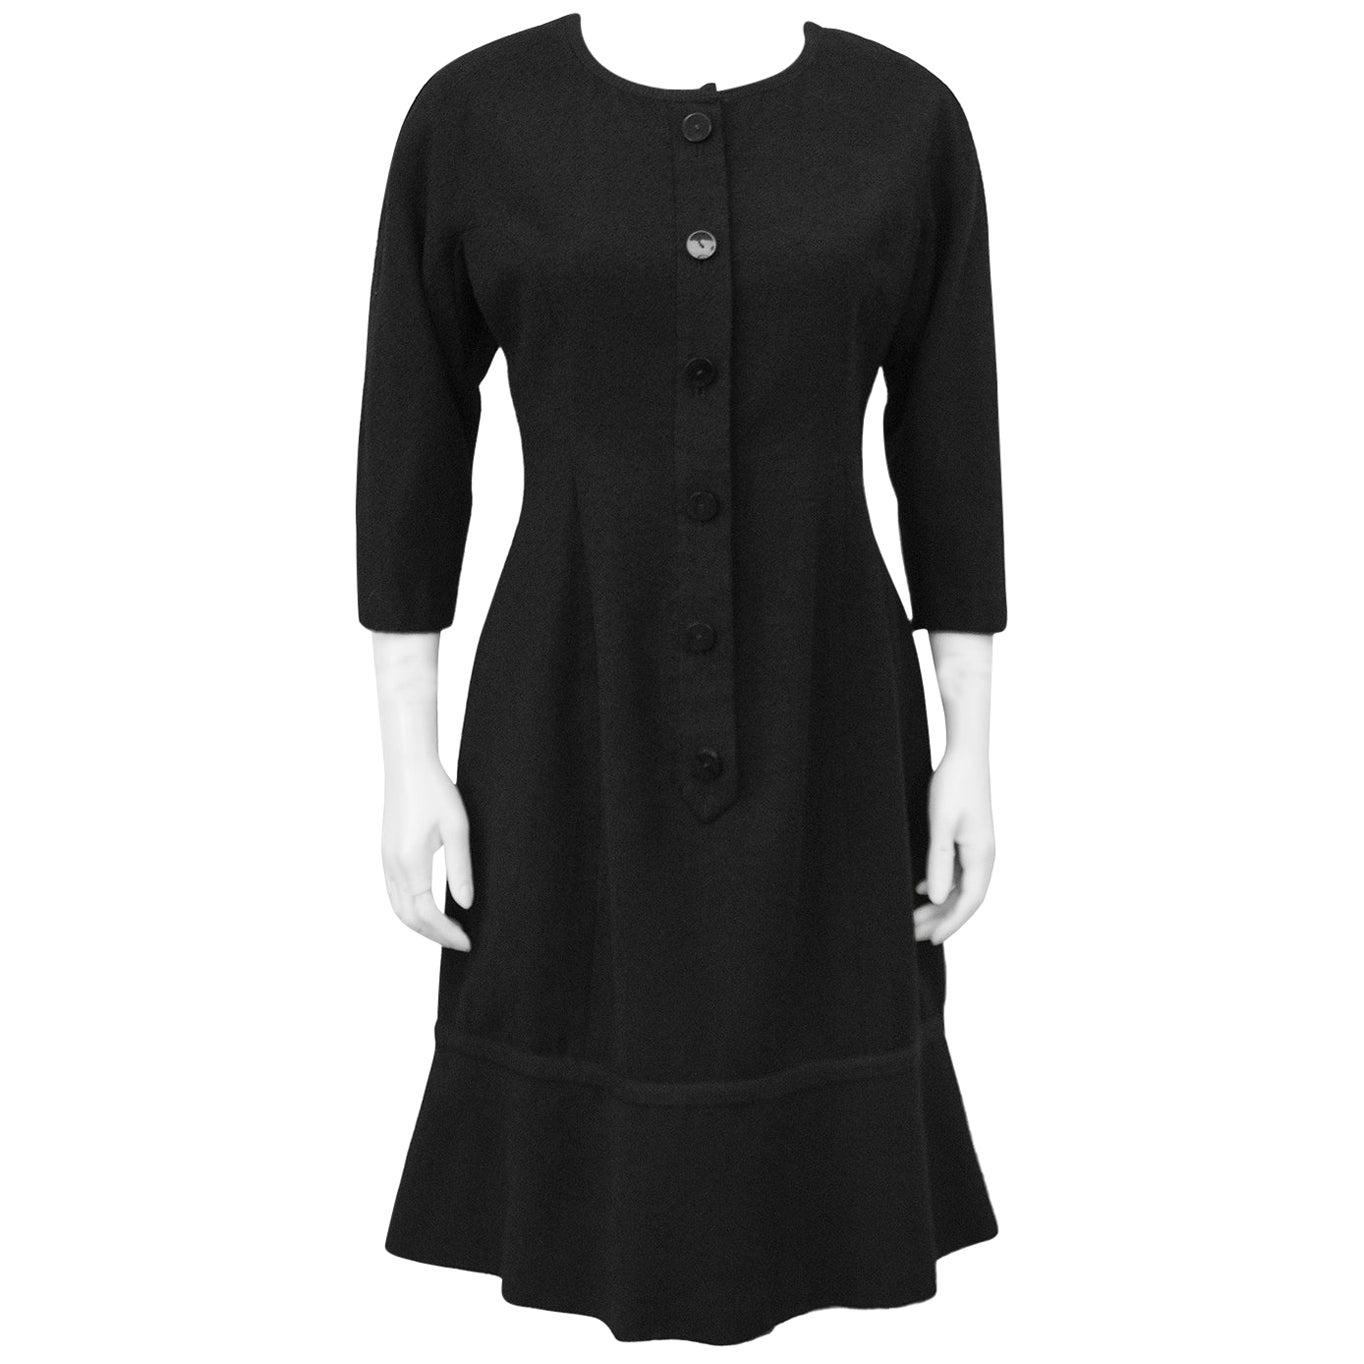 1950s Hattie Carnegie Boucle Black Long Sleeve Day Dress